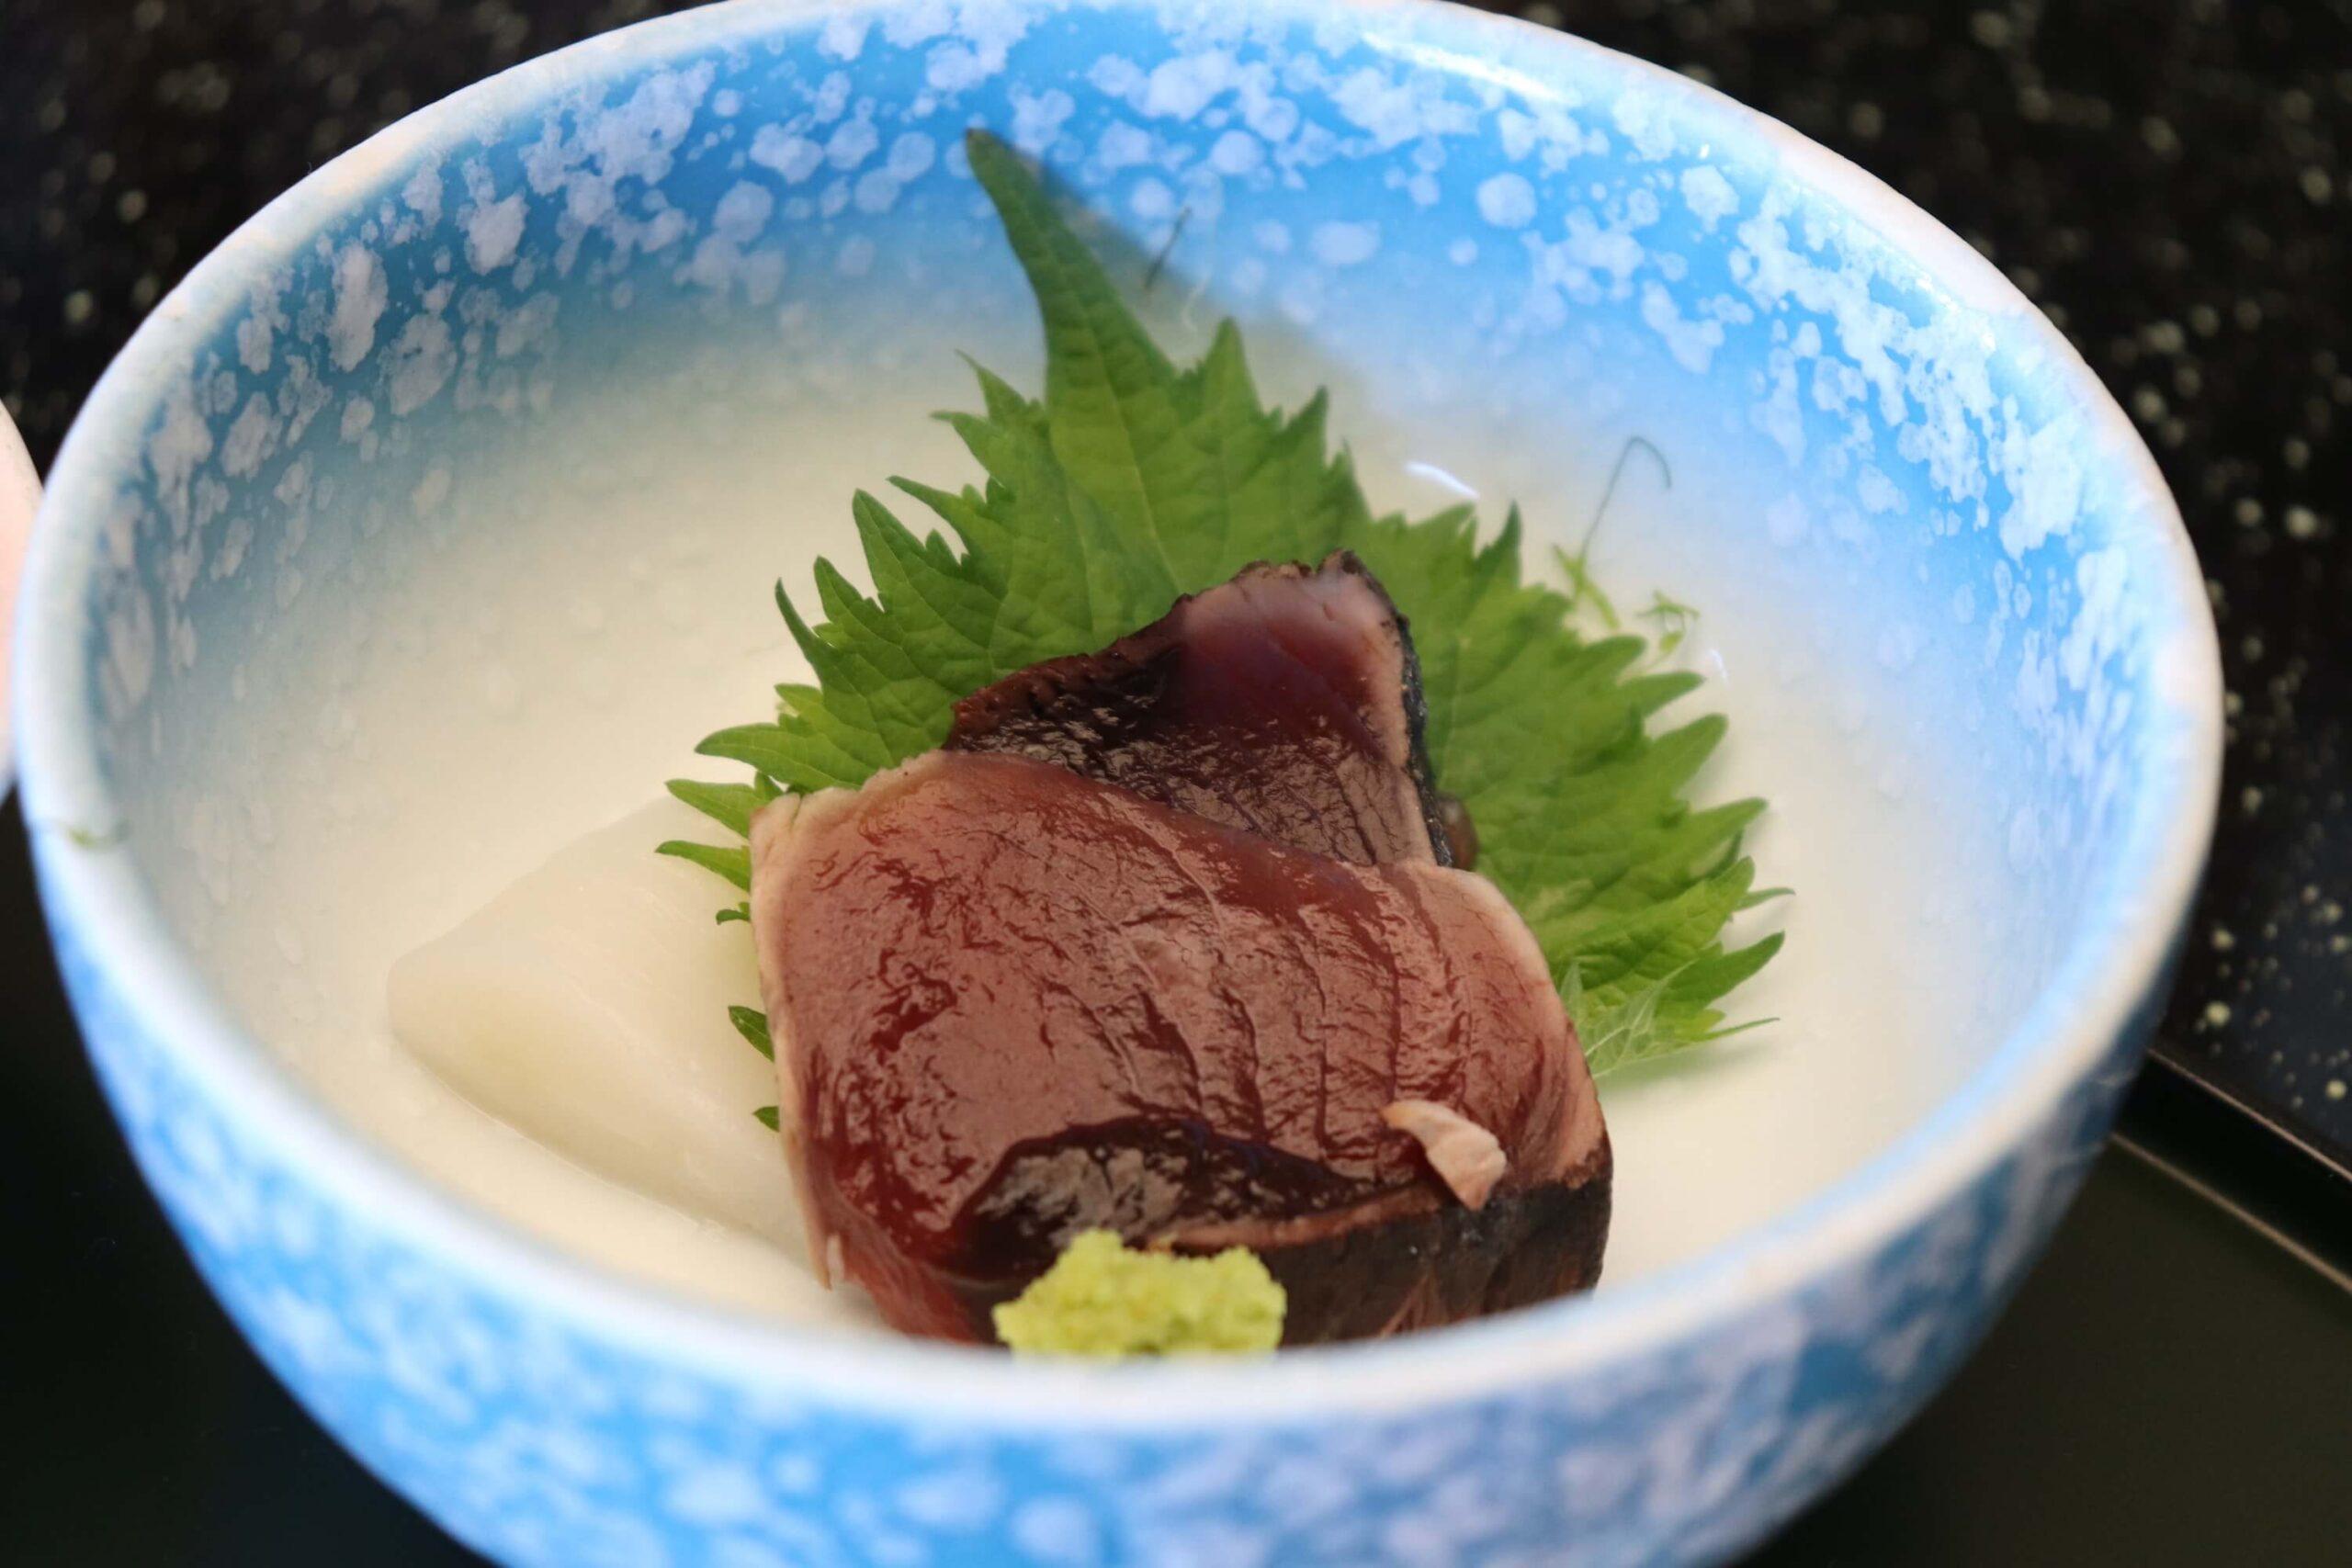 粋松亭の朝食のカツオとイカの刺身